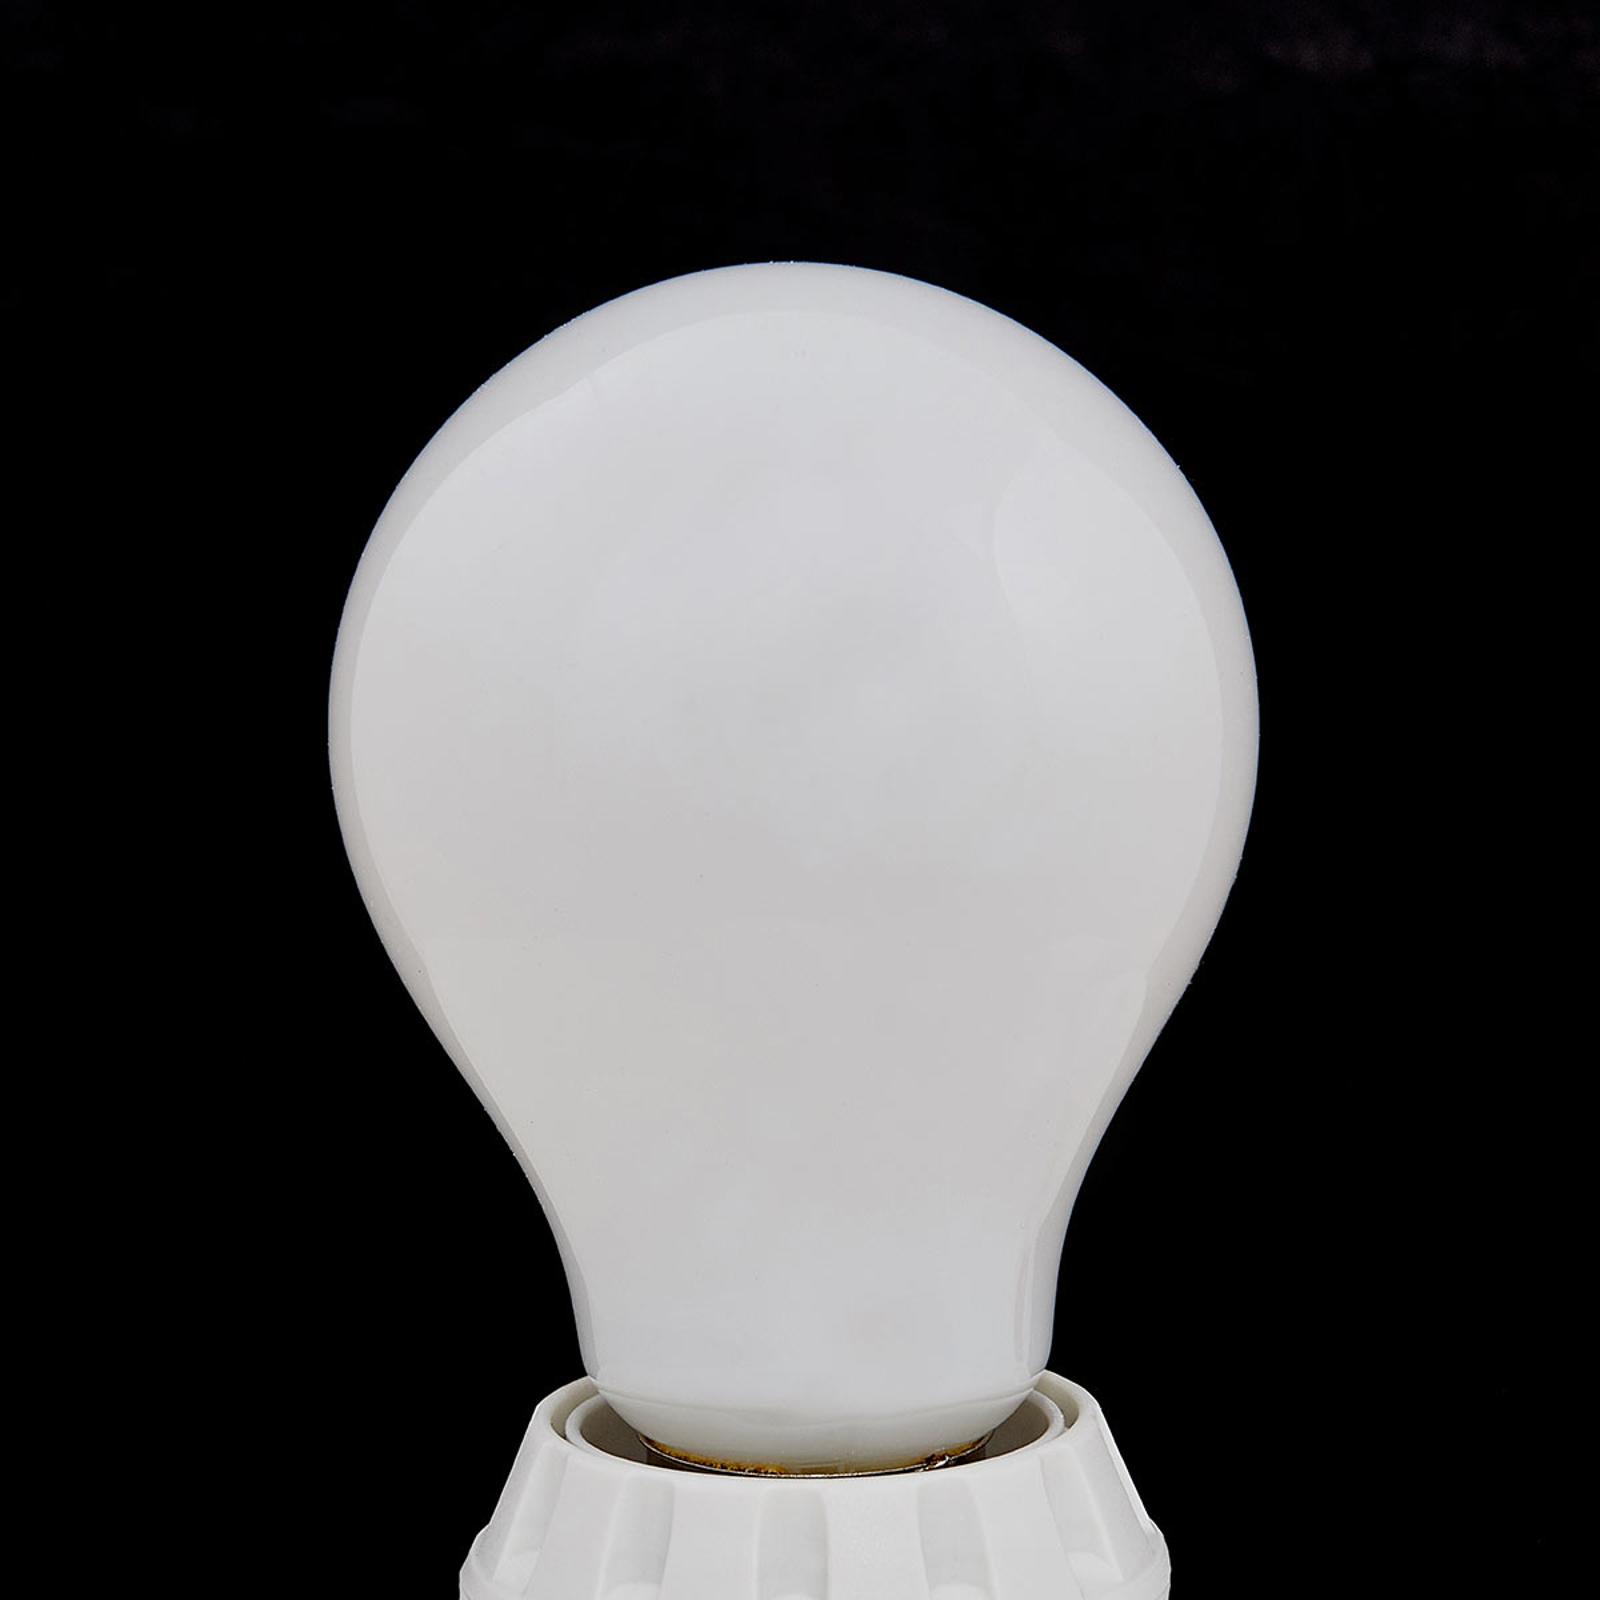 E27 ampoule LED 8W, 1055lm, 2700K, opale